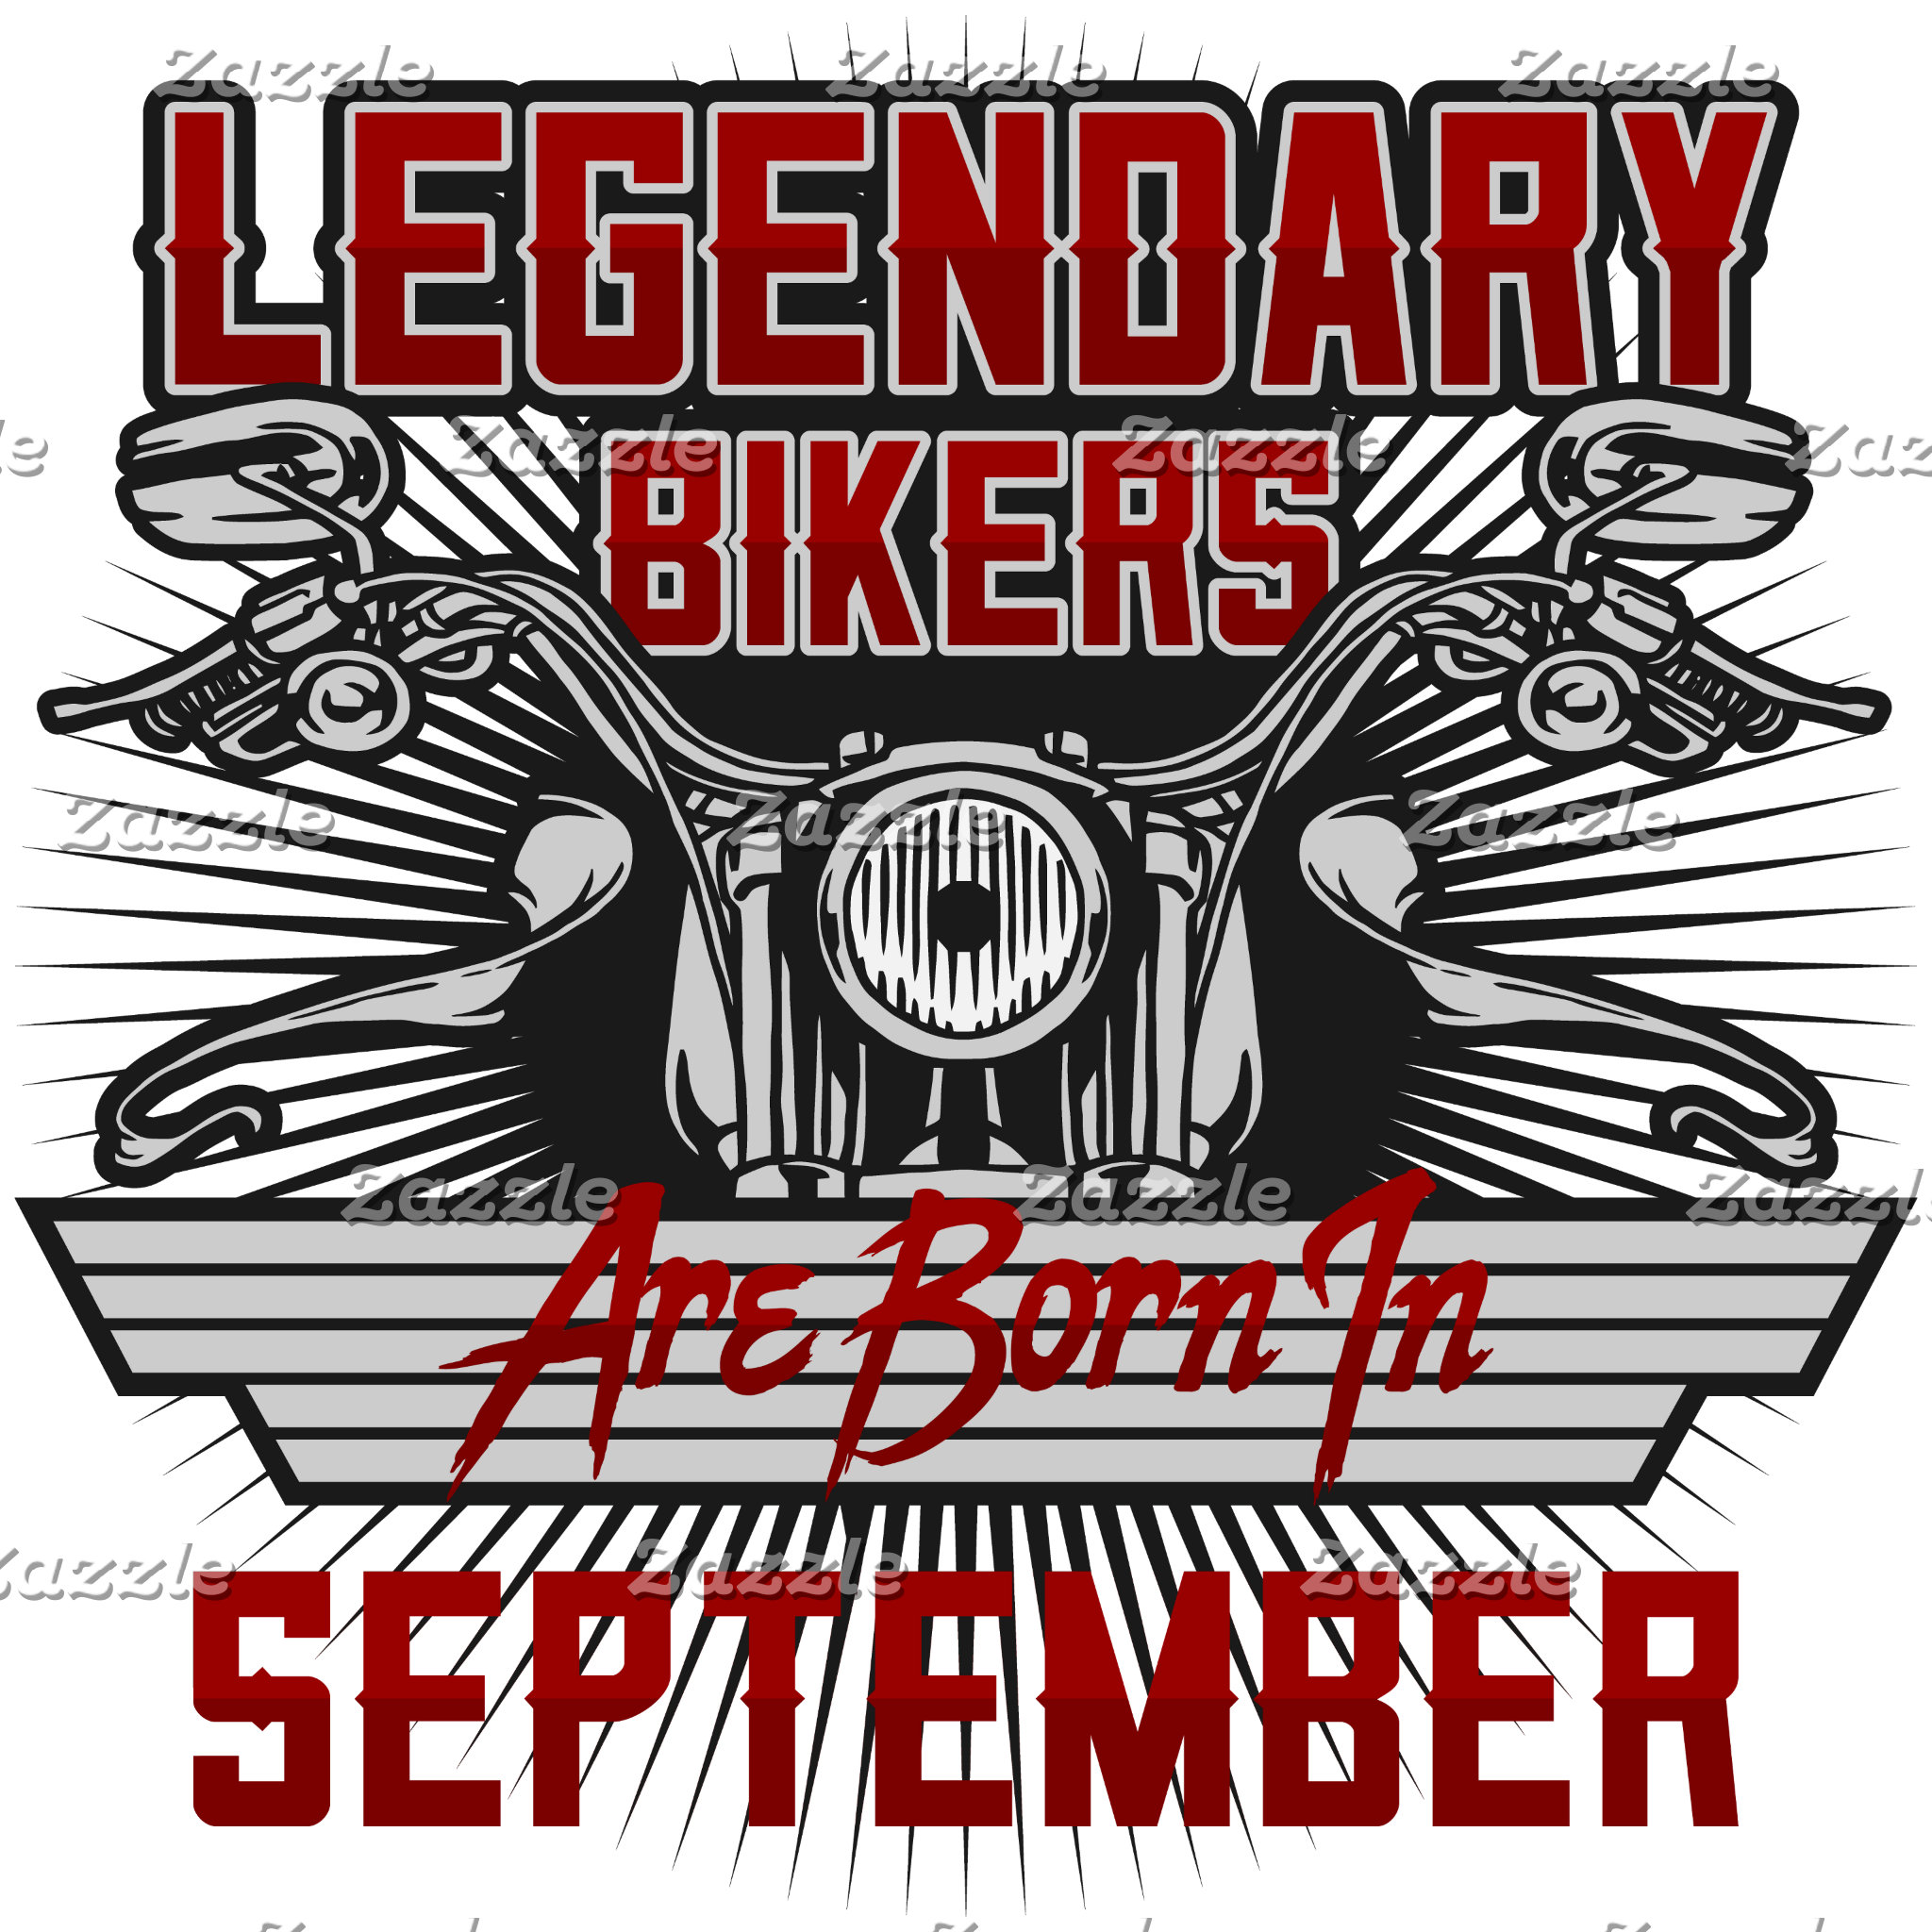 Legendary Bikers